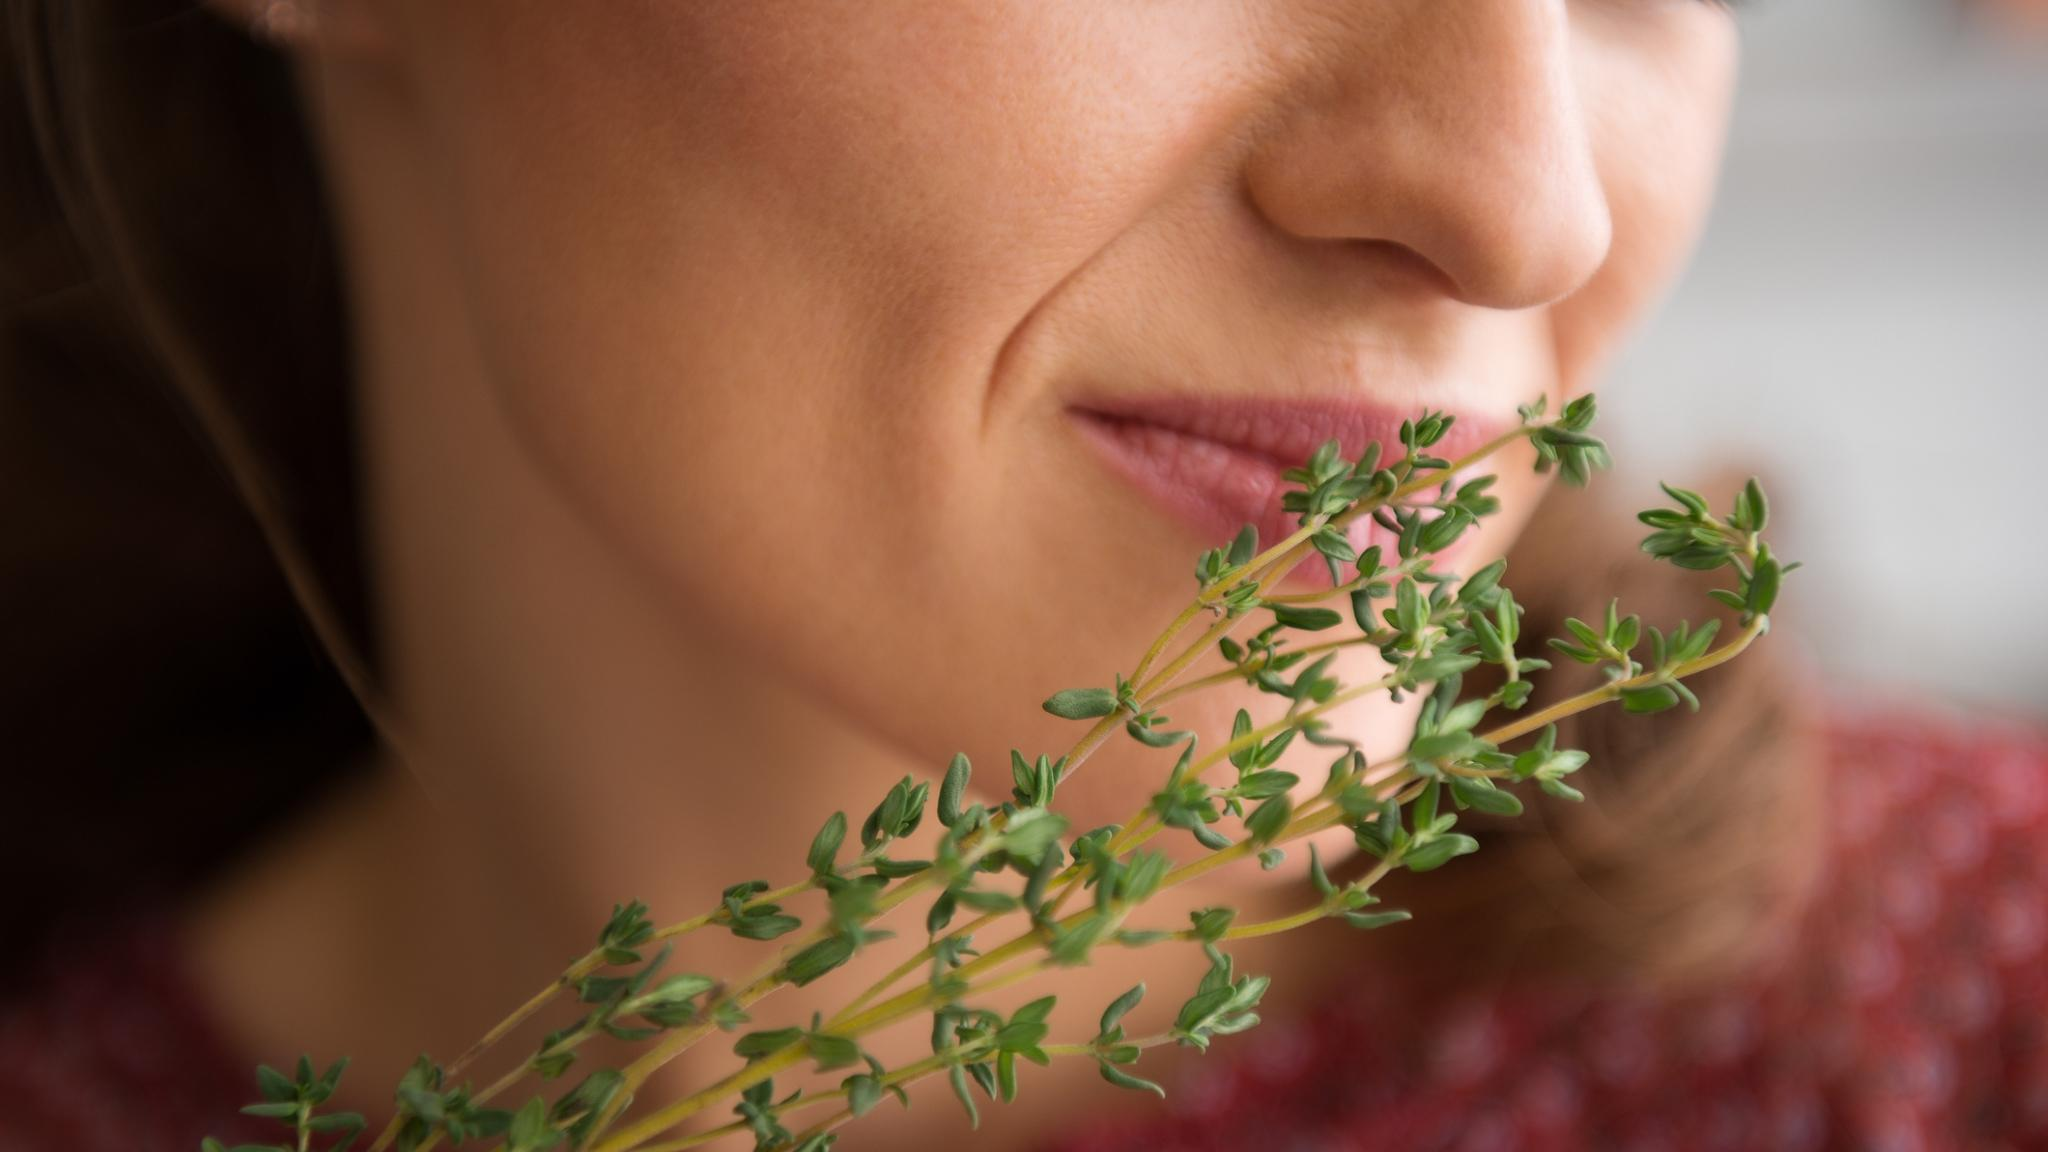 Это было как вчера: почему запахи усиливают воспоминания?